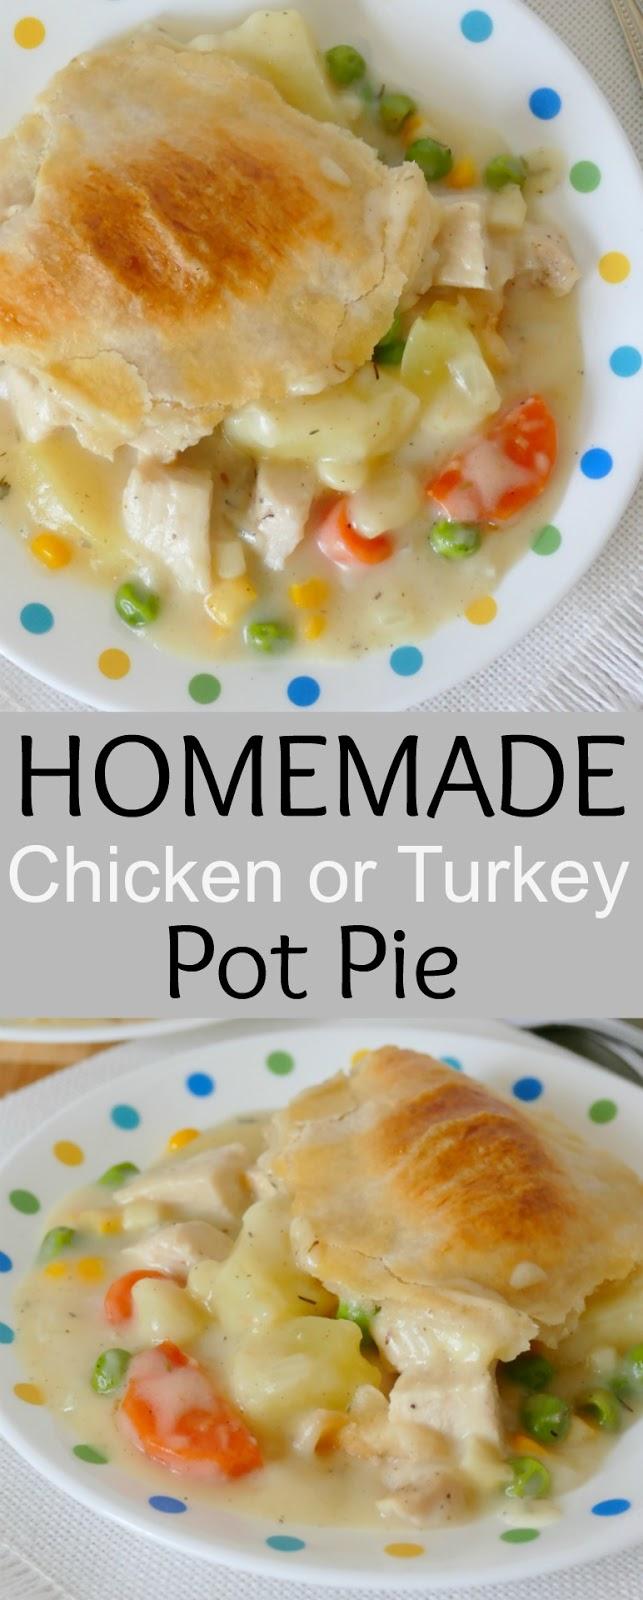 Homemade Chicken or Turkey Pot Pie Recipe